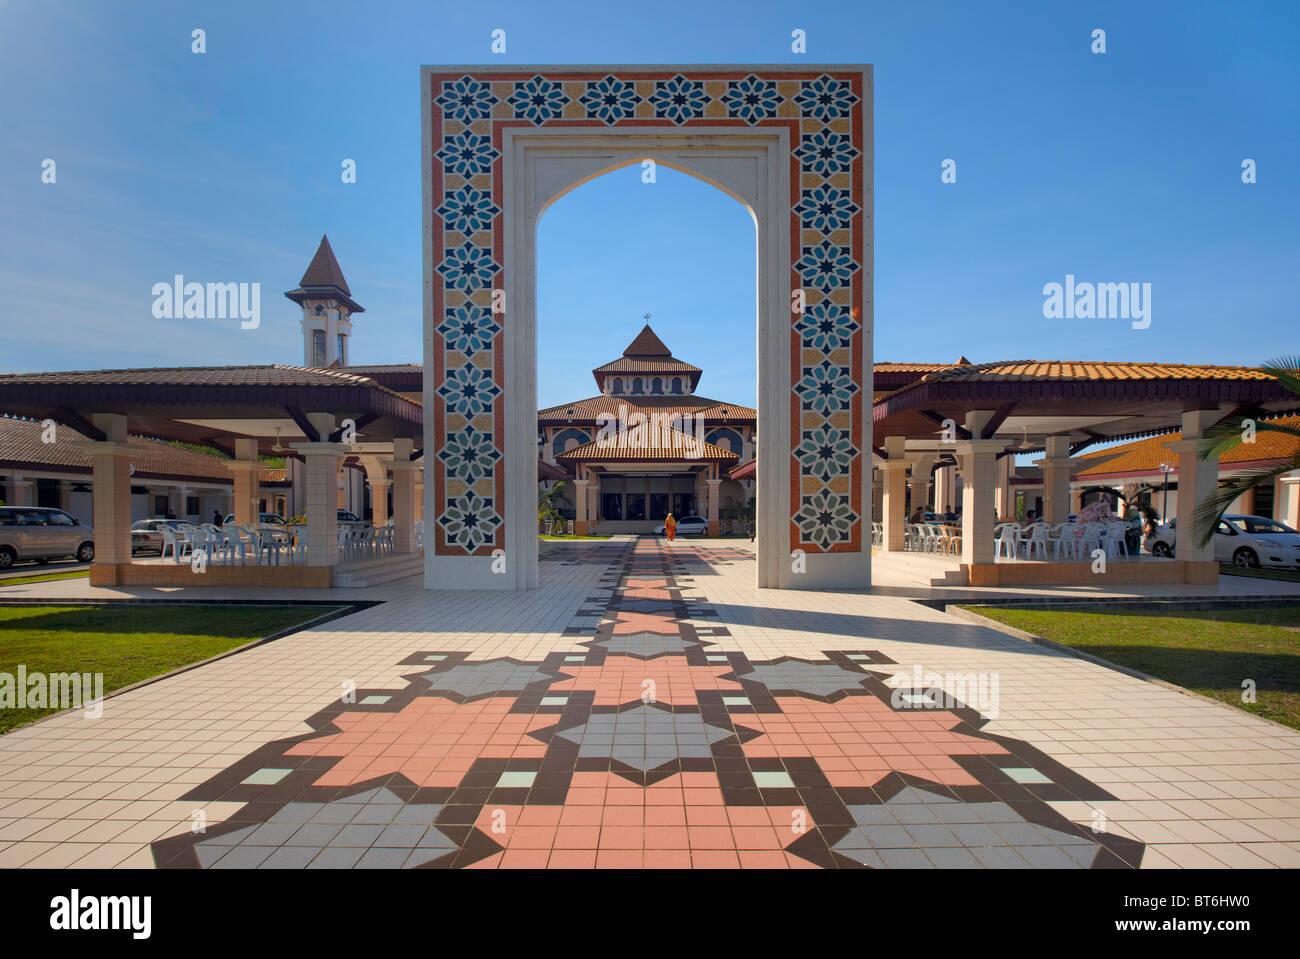 Universiti Brunei Darussalam Mosque, Gadong, Brunei Stock Photo